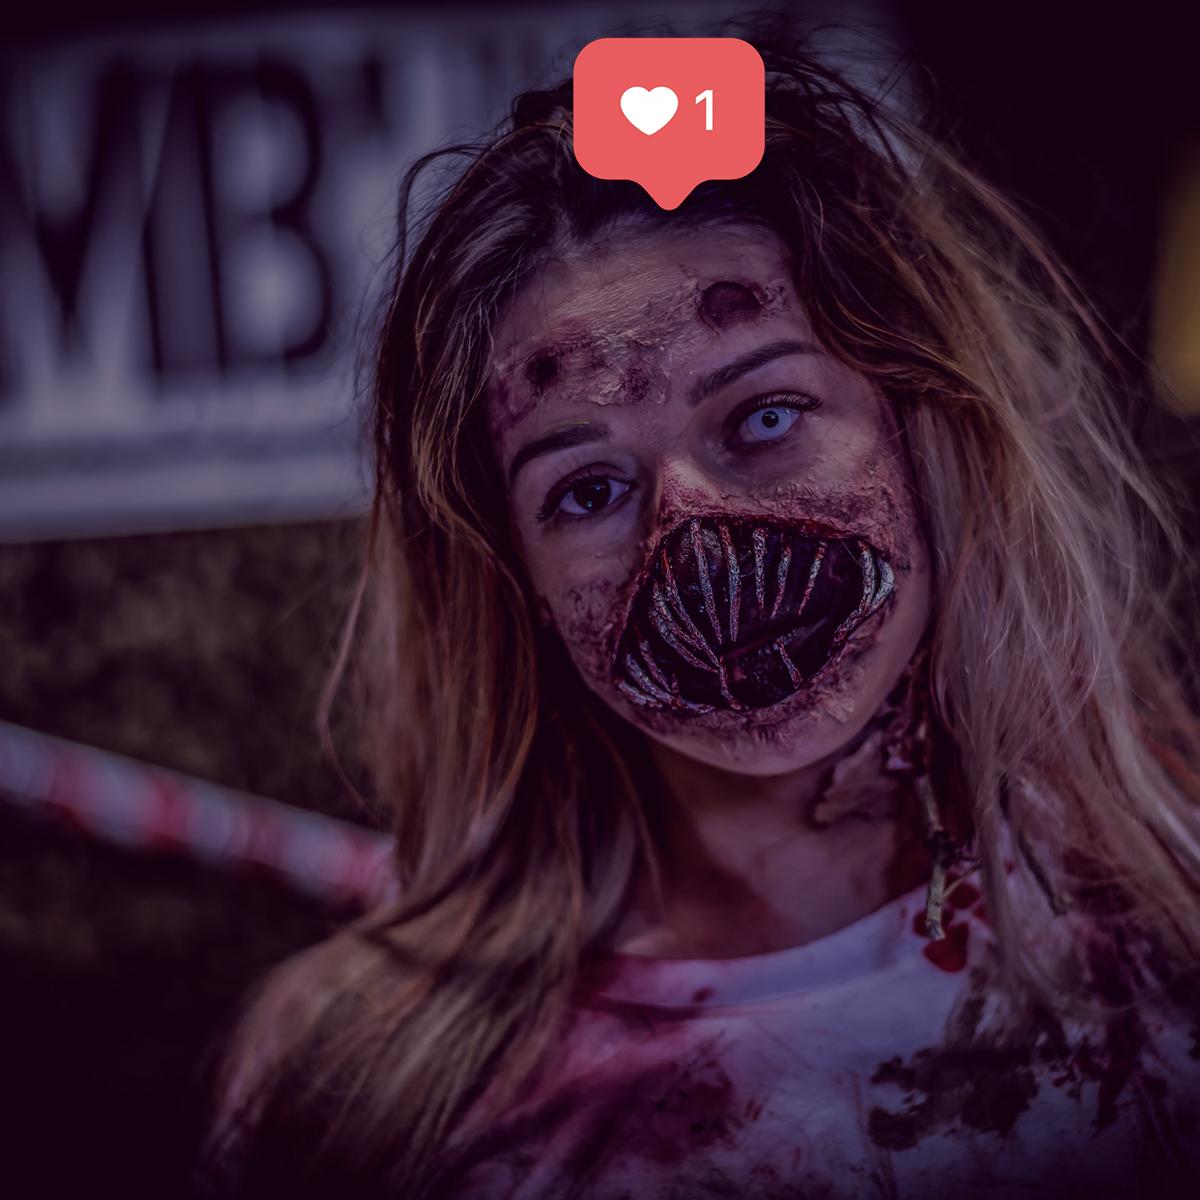 Un zombie sur Instagram - Stratégie réseaux sociaux